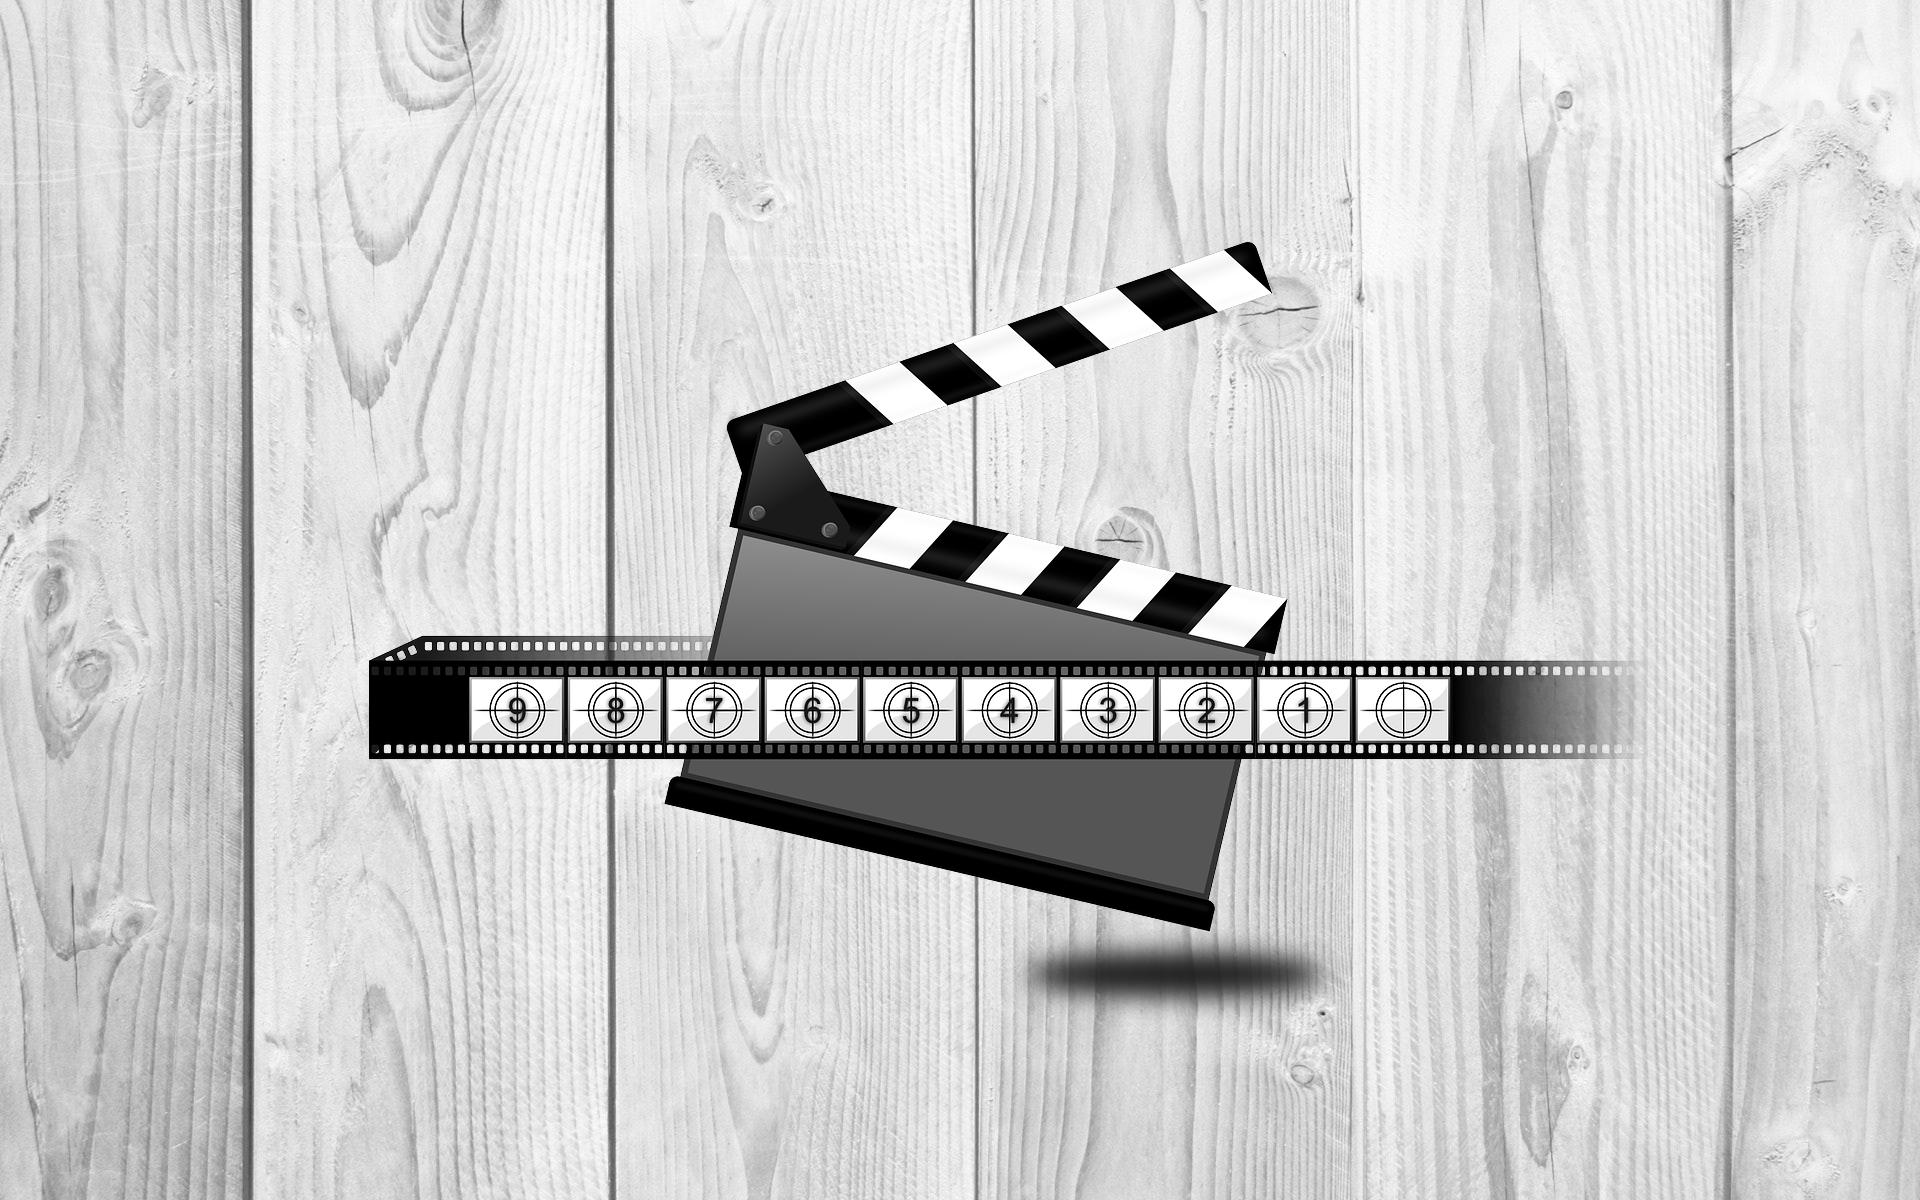 hogyan lehet pénzt fejleszteni az interneten befektetés nélkül legjobb indikátorok a bináris opciós videókhoz